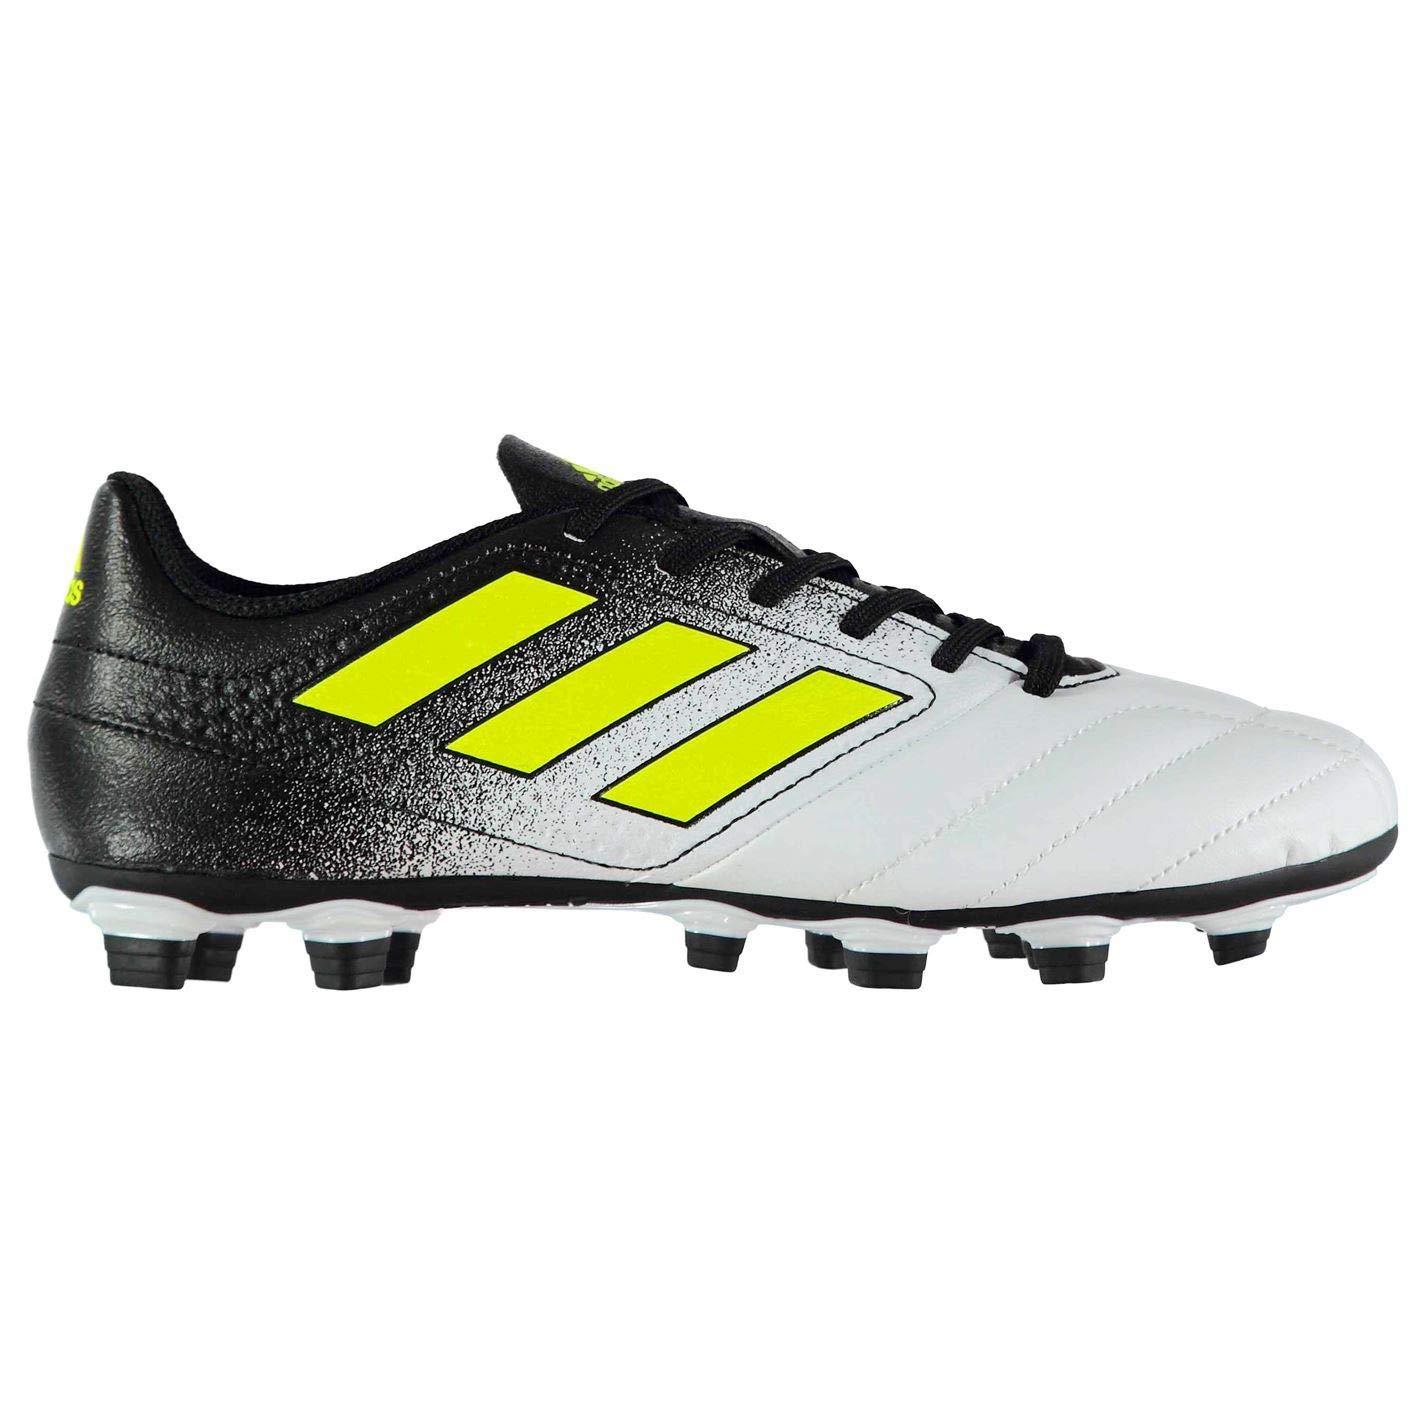 Adida Ace 17.4 FG Fußballschuhe für Herren, Weiß Gelb